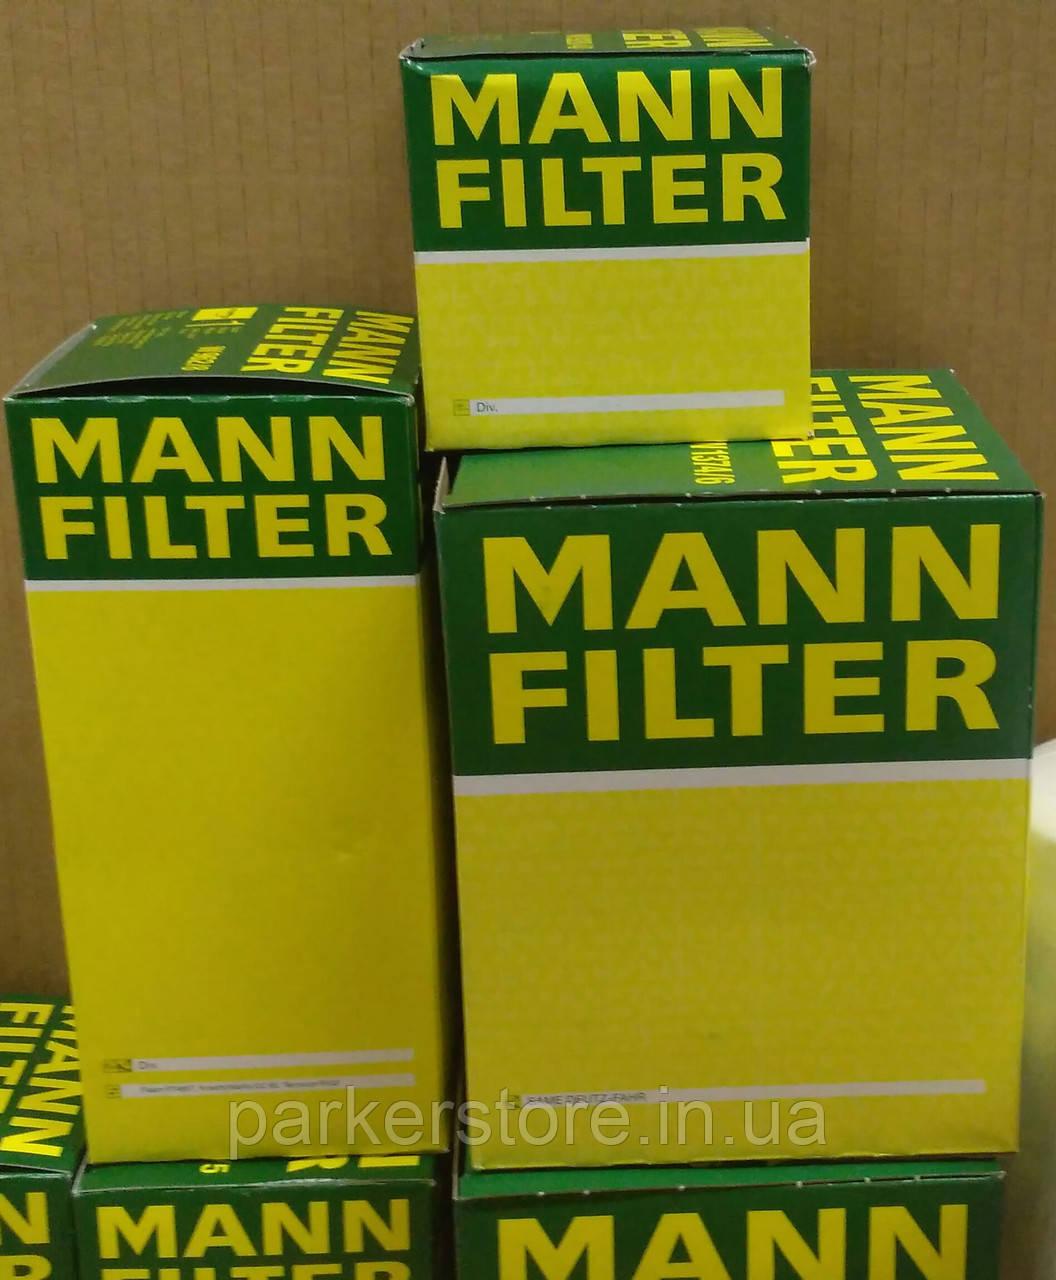 MANN FILTER / Воздушный фильтр / C 25 115 / C25115